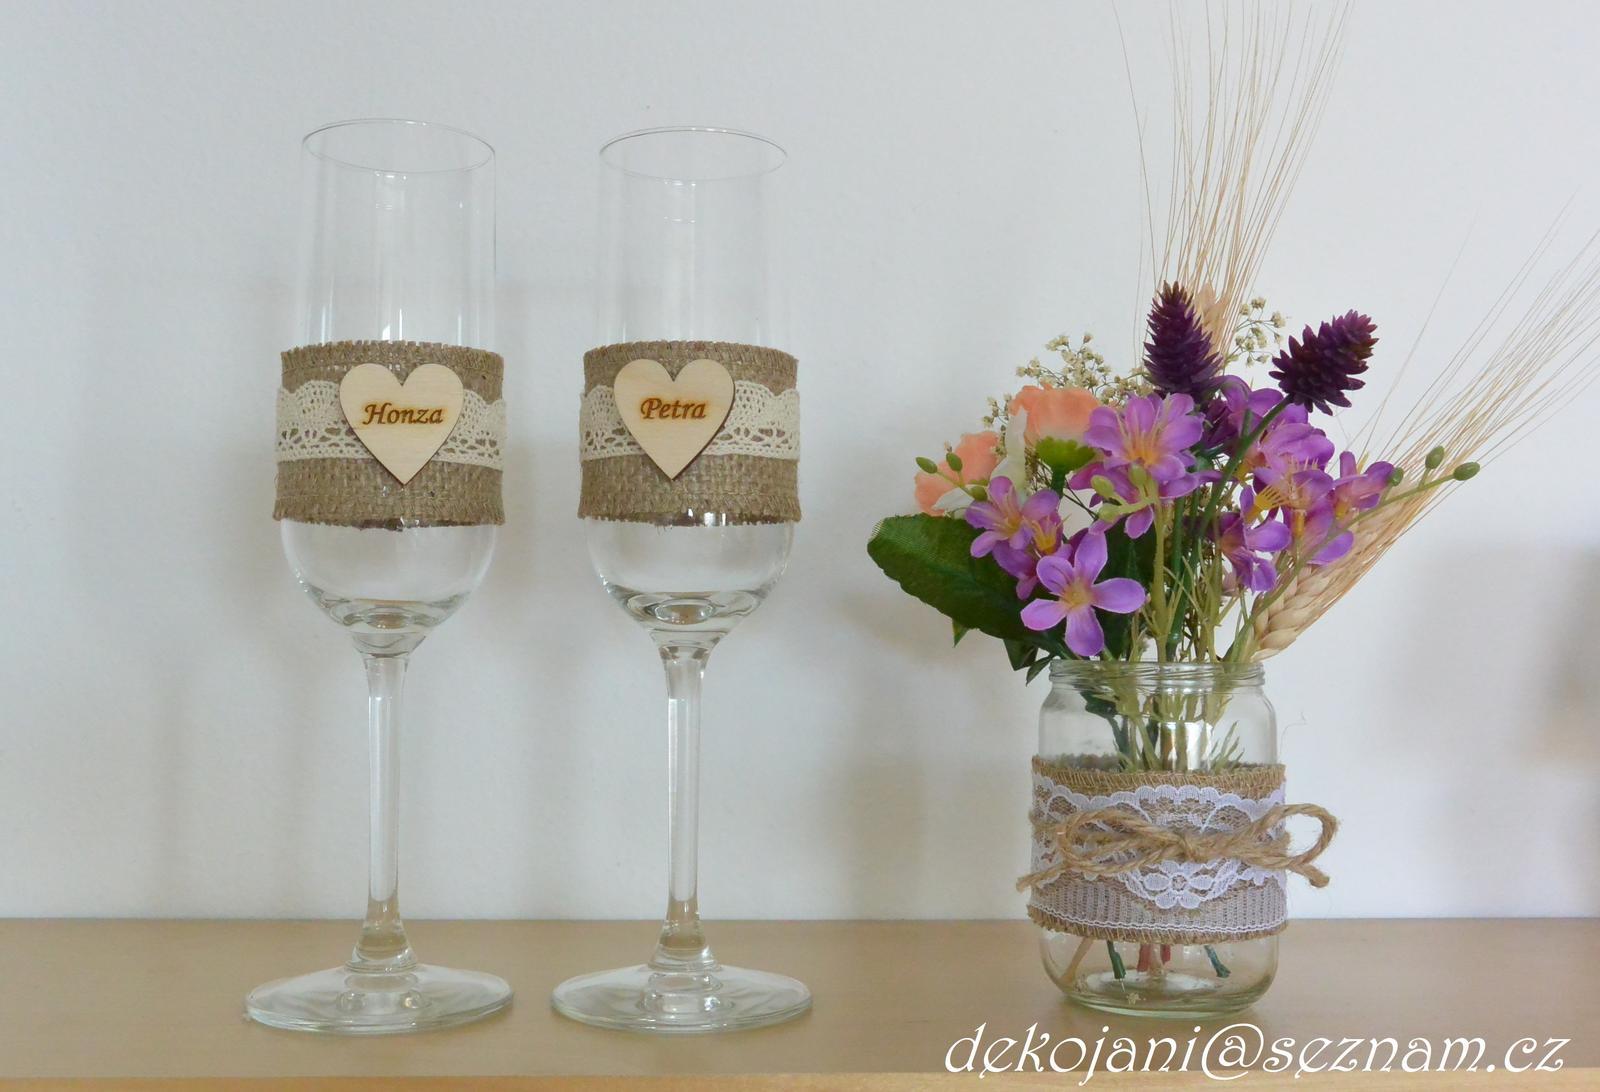 Jutové svatební skleničky  - Obrázek č. 1